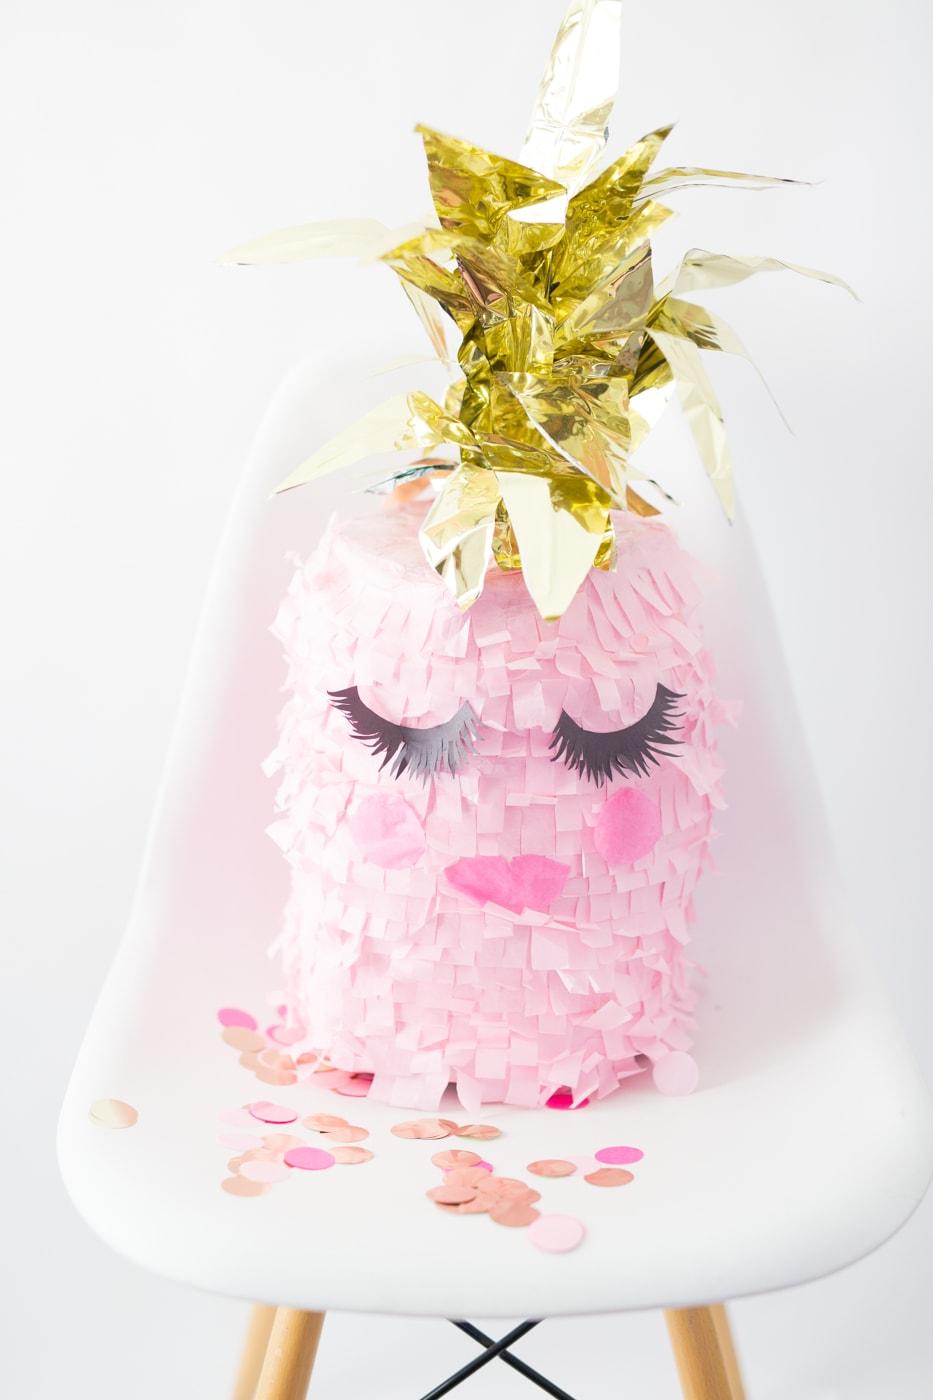 pineapple-eyelashes-glamorous